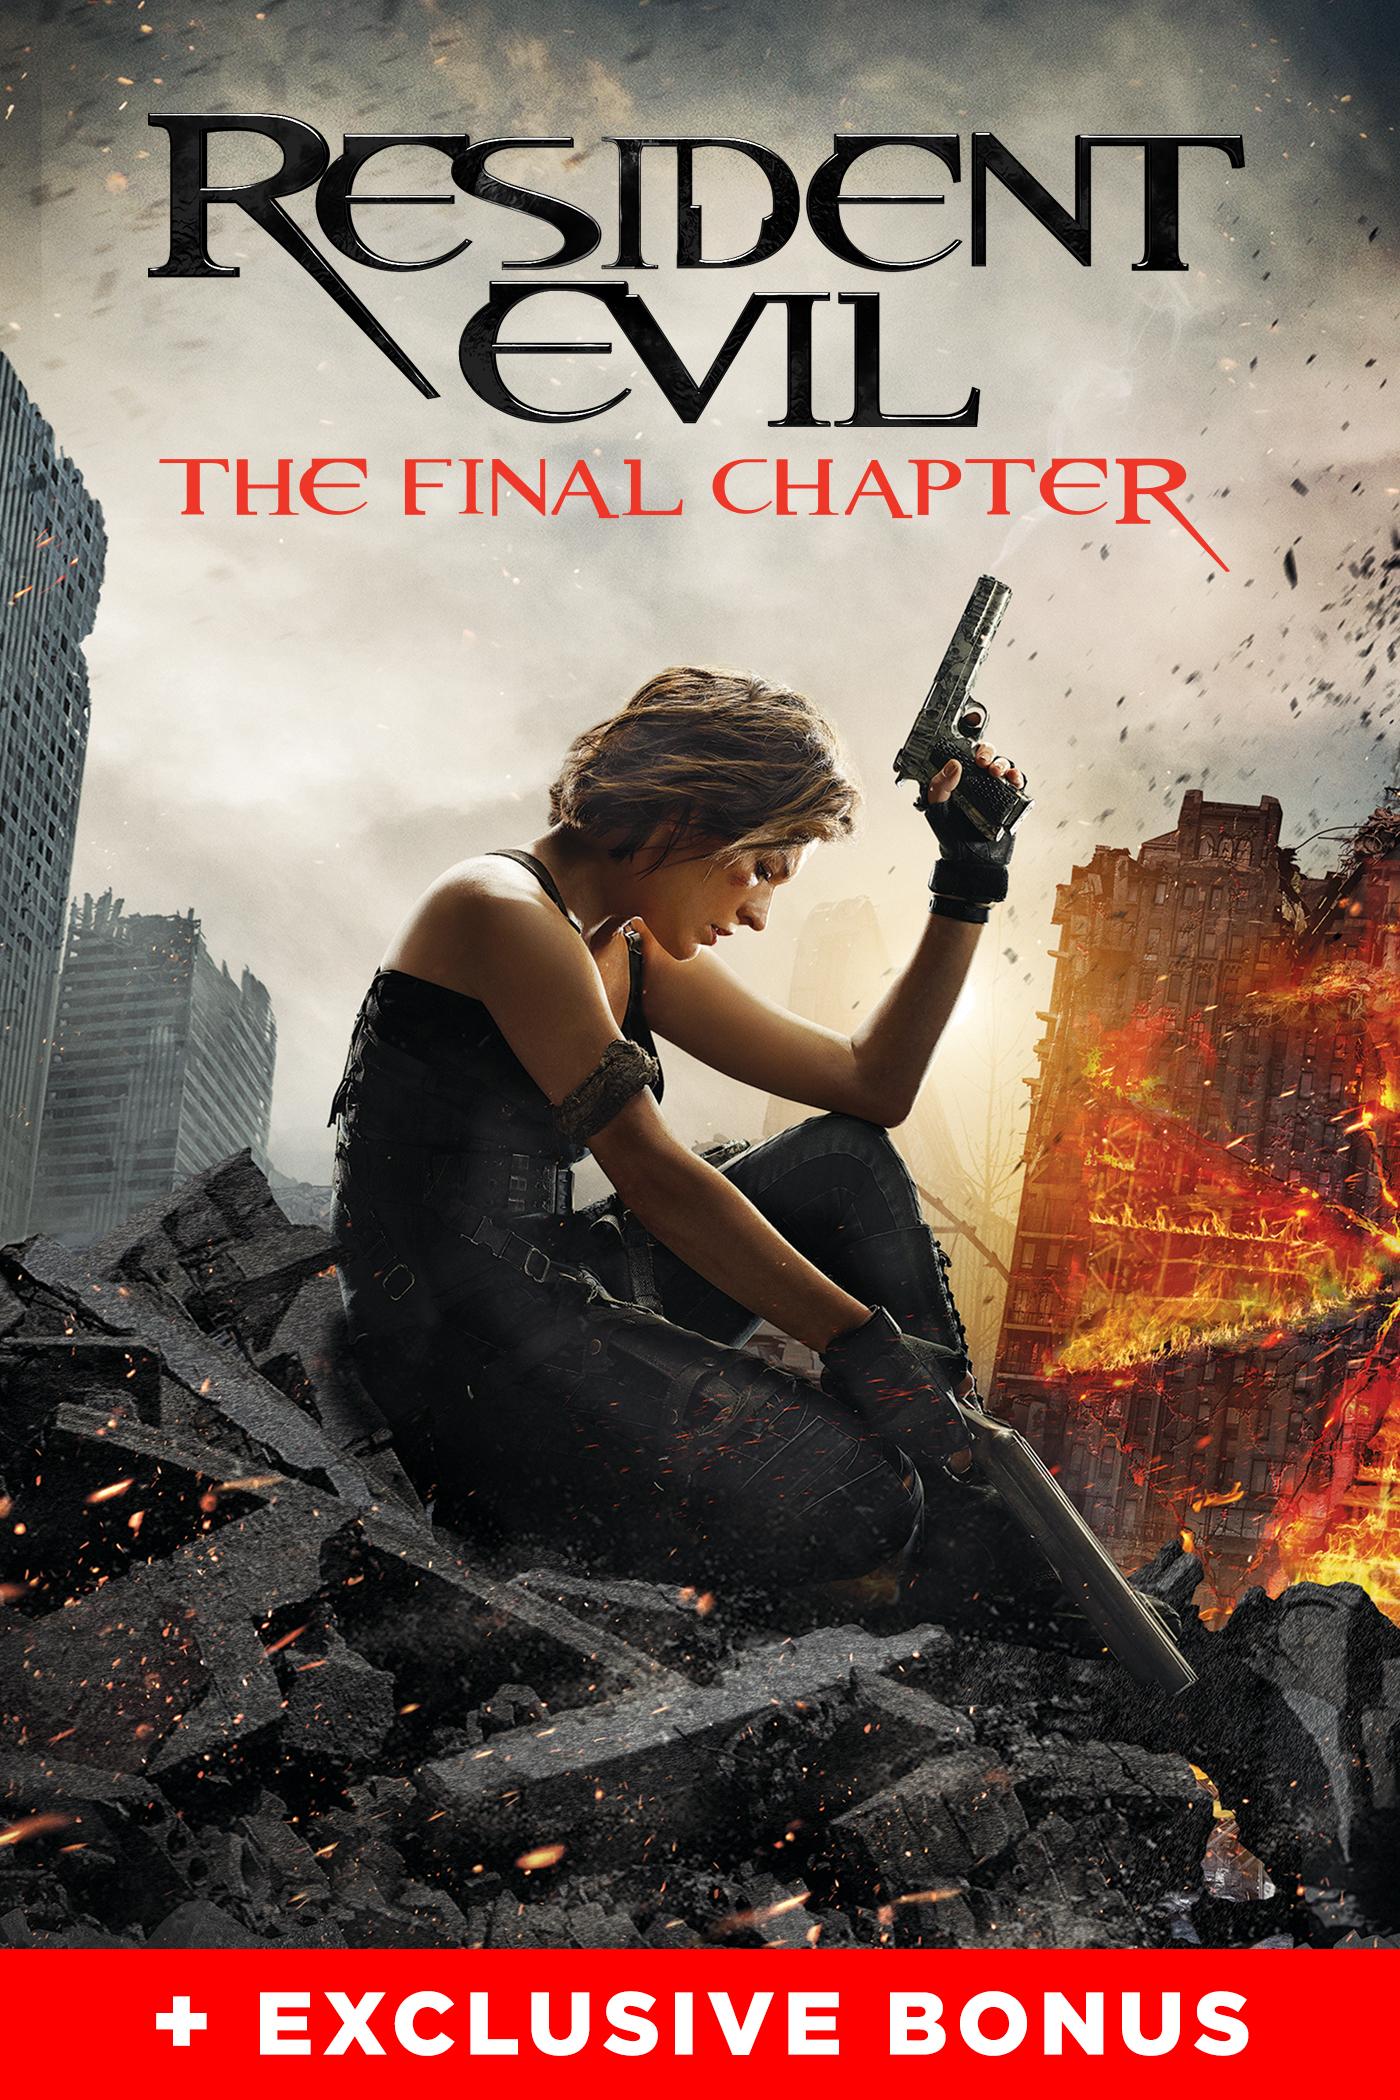 Resident Evil: The Final Chapter + Bonus